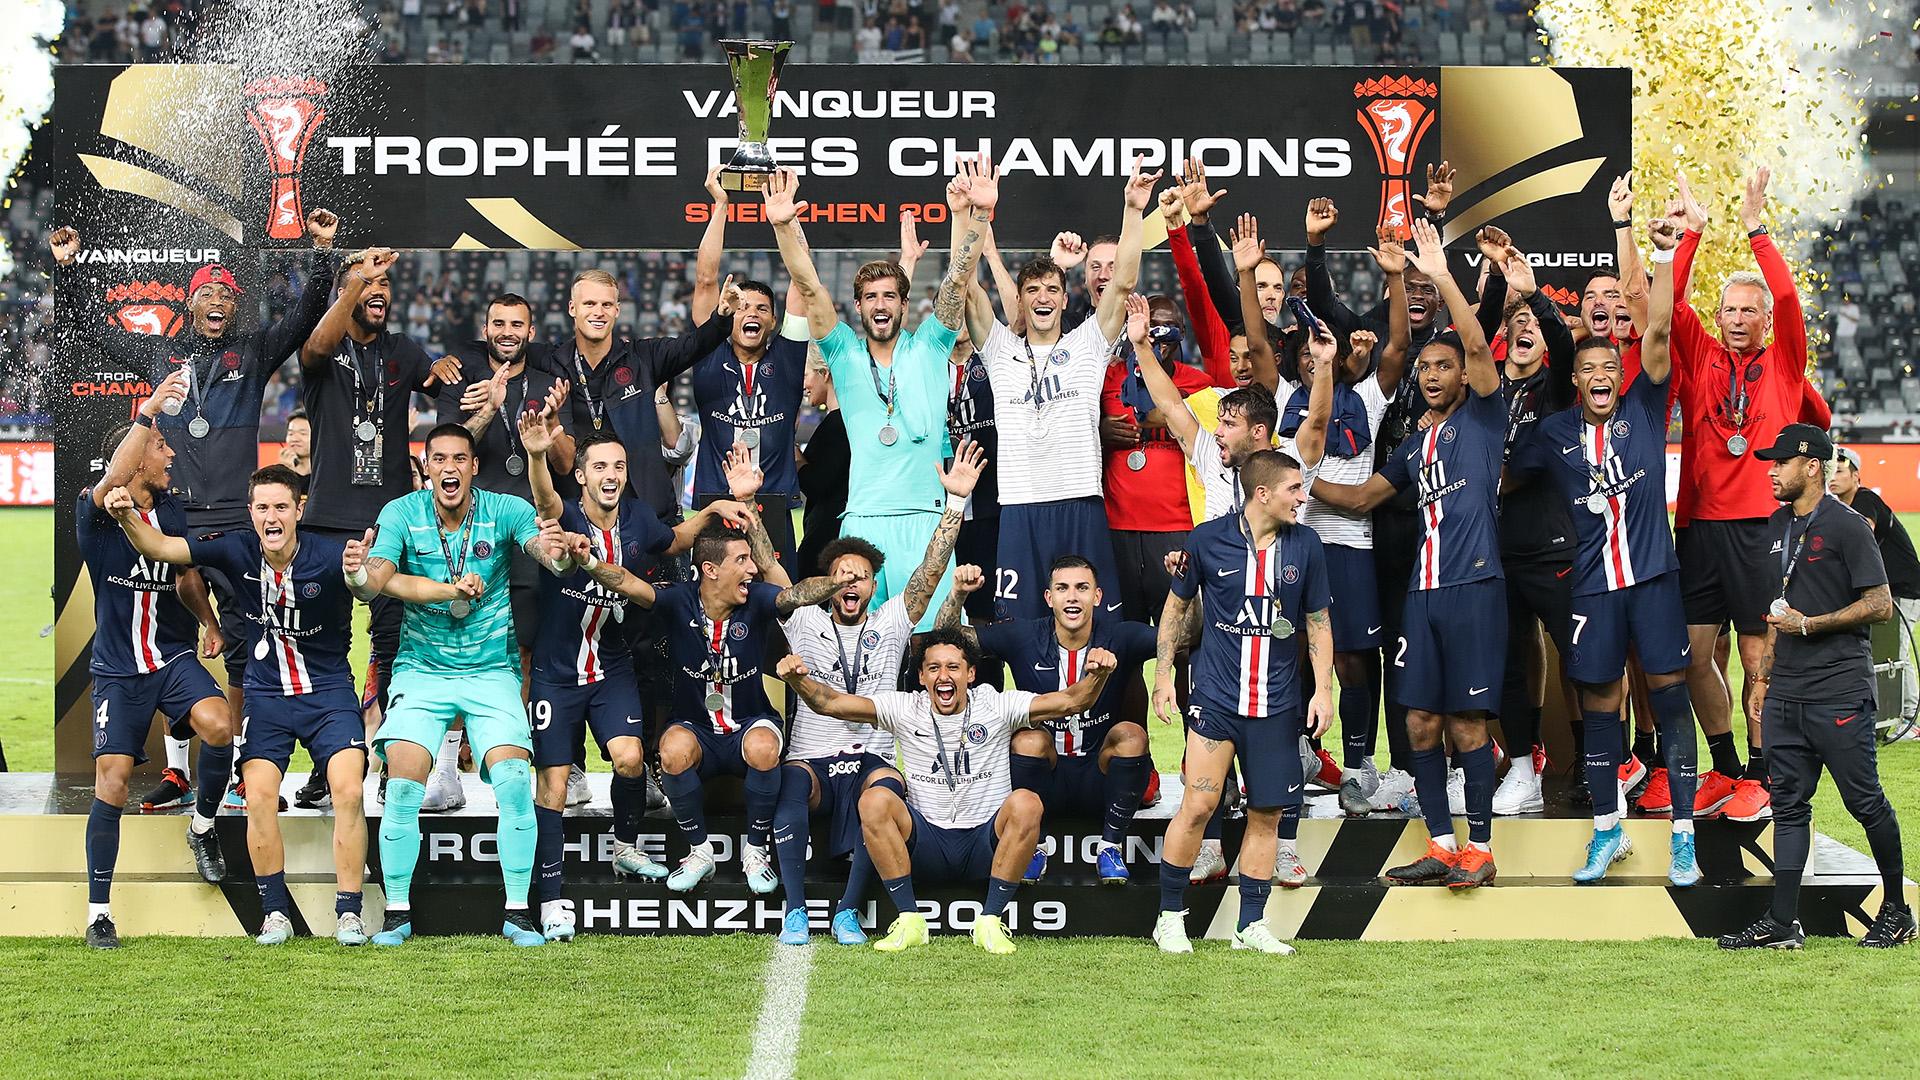 PSG Trophee des Champions 2019